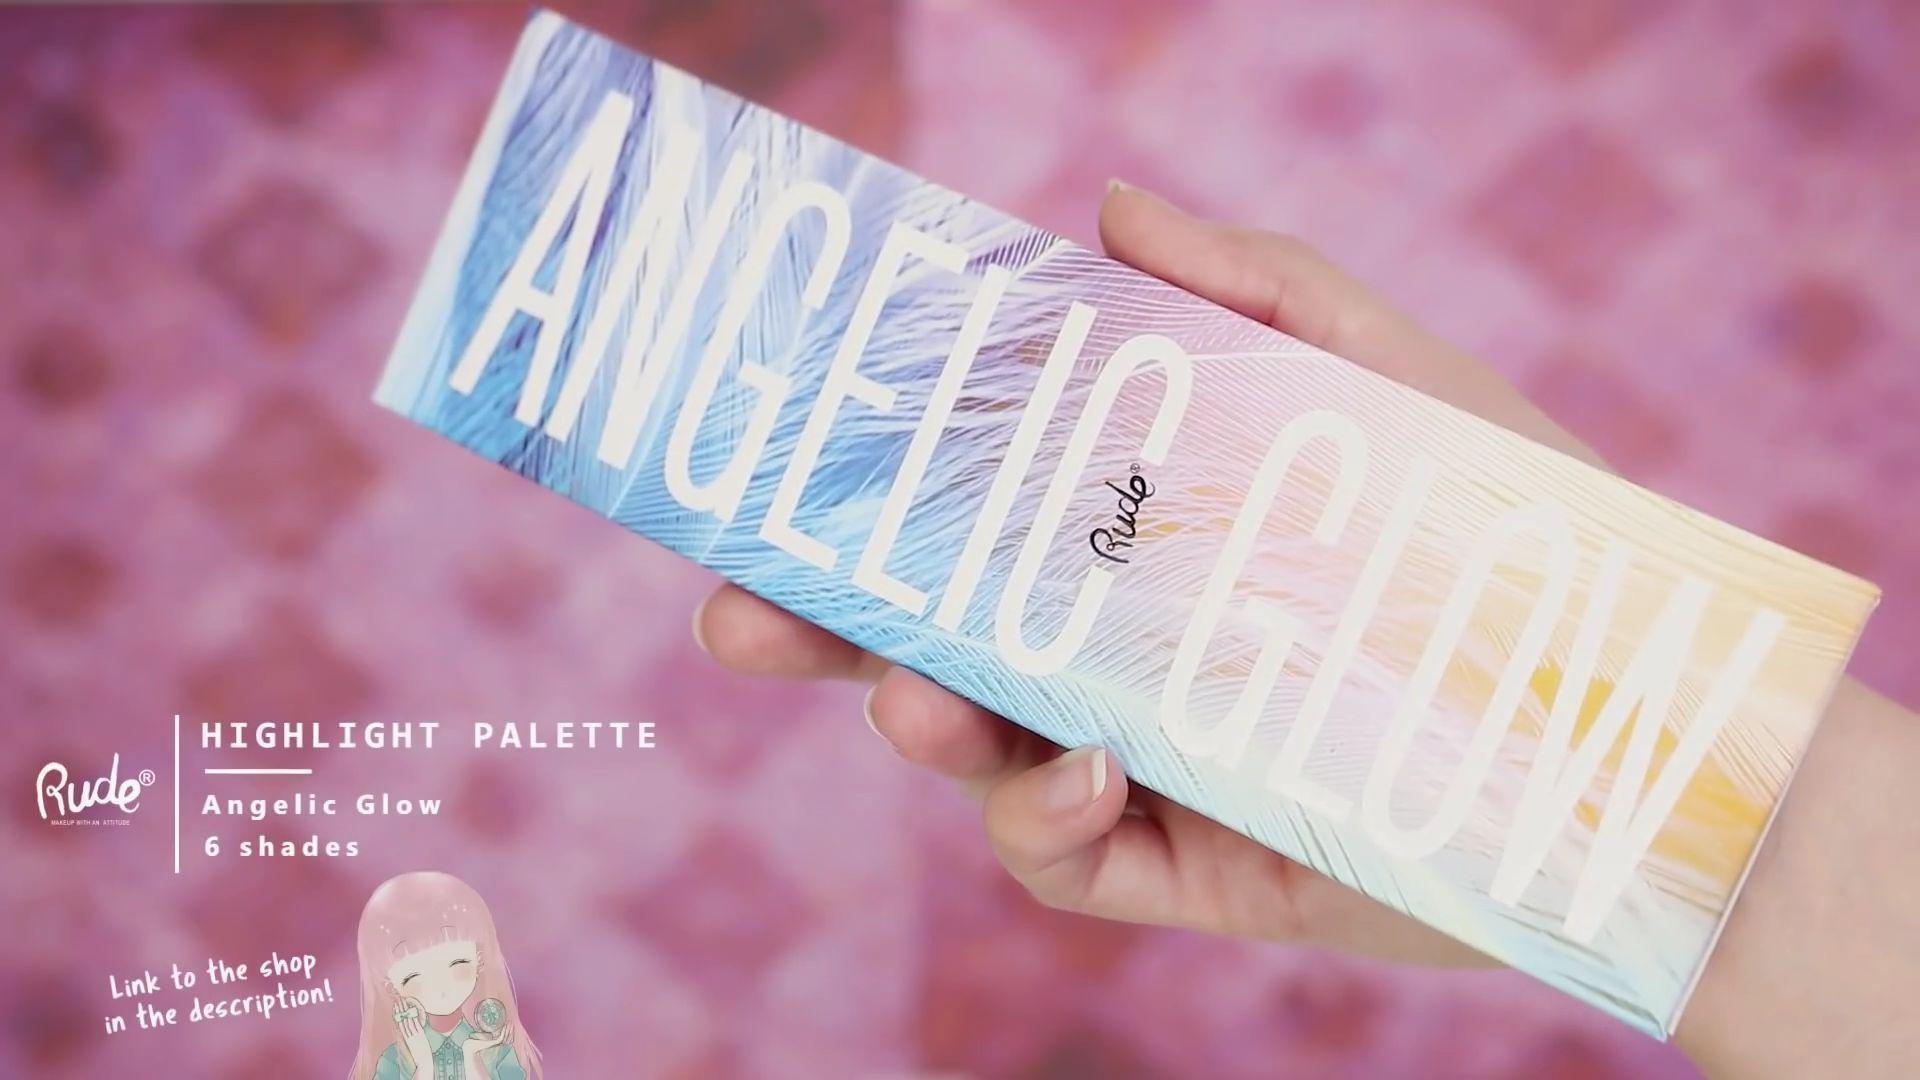 Misa Amane Cosplay DIY en 9 pasos; Highlight palette Angelic Glow 6 shades de la marca Rude.